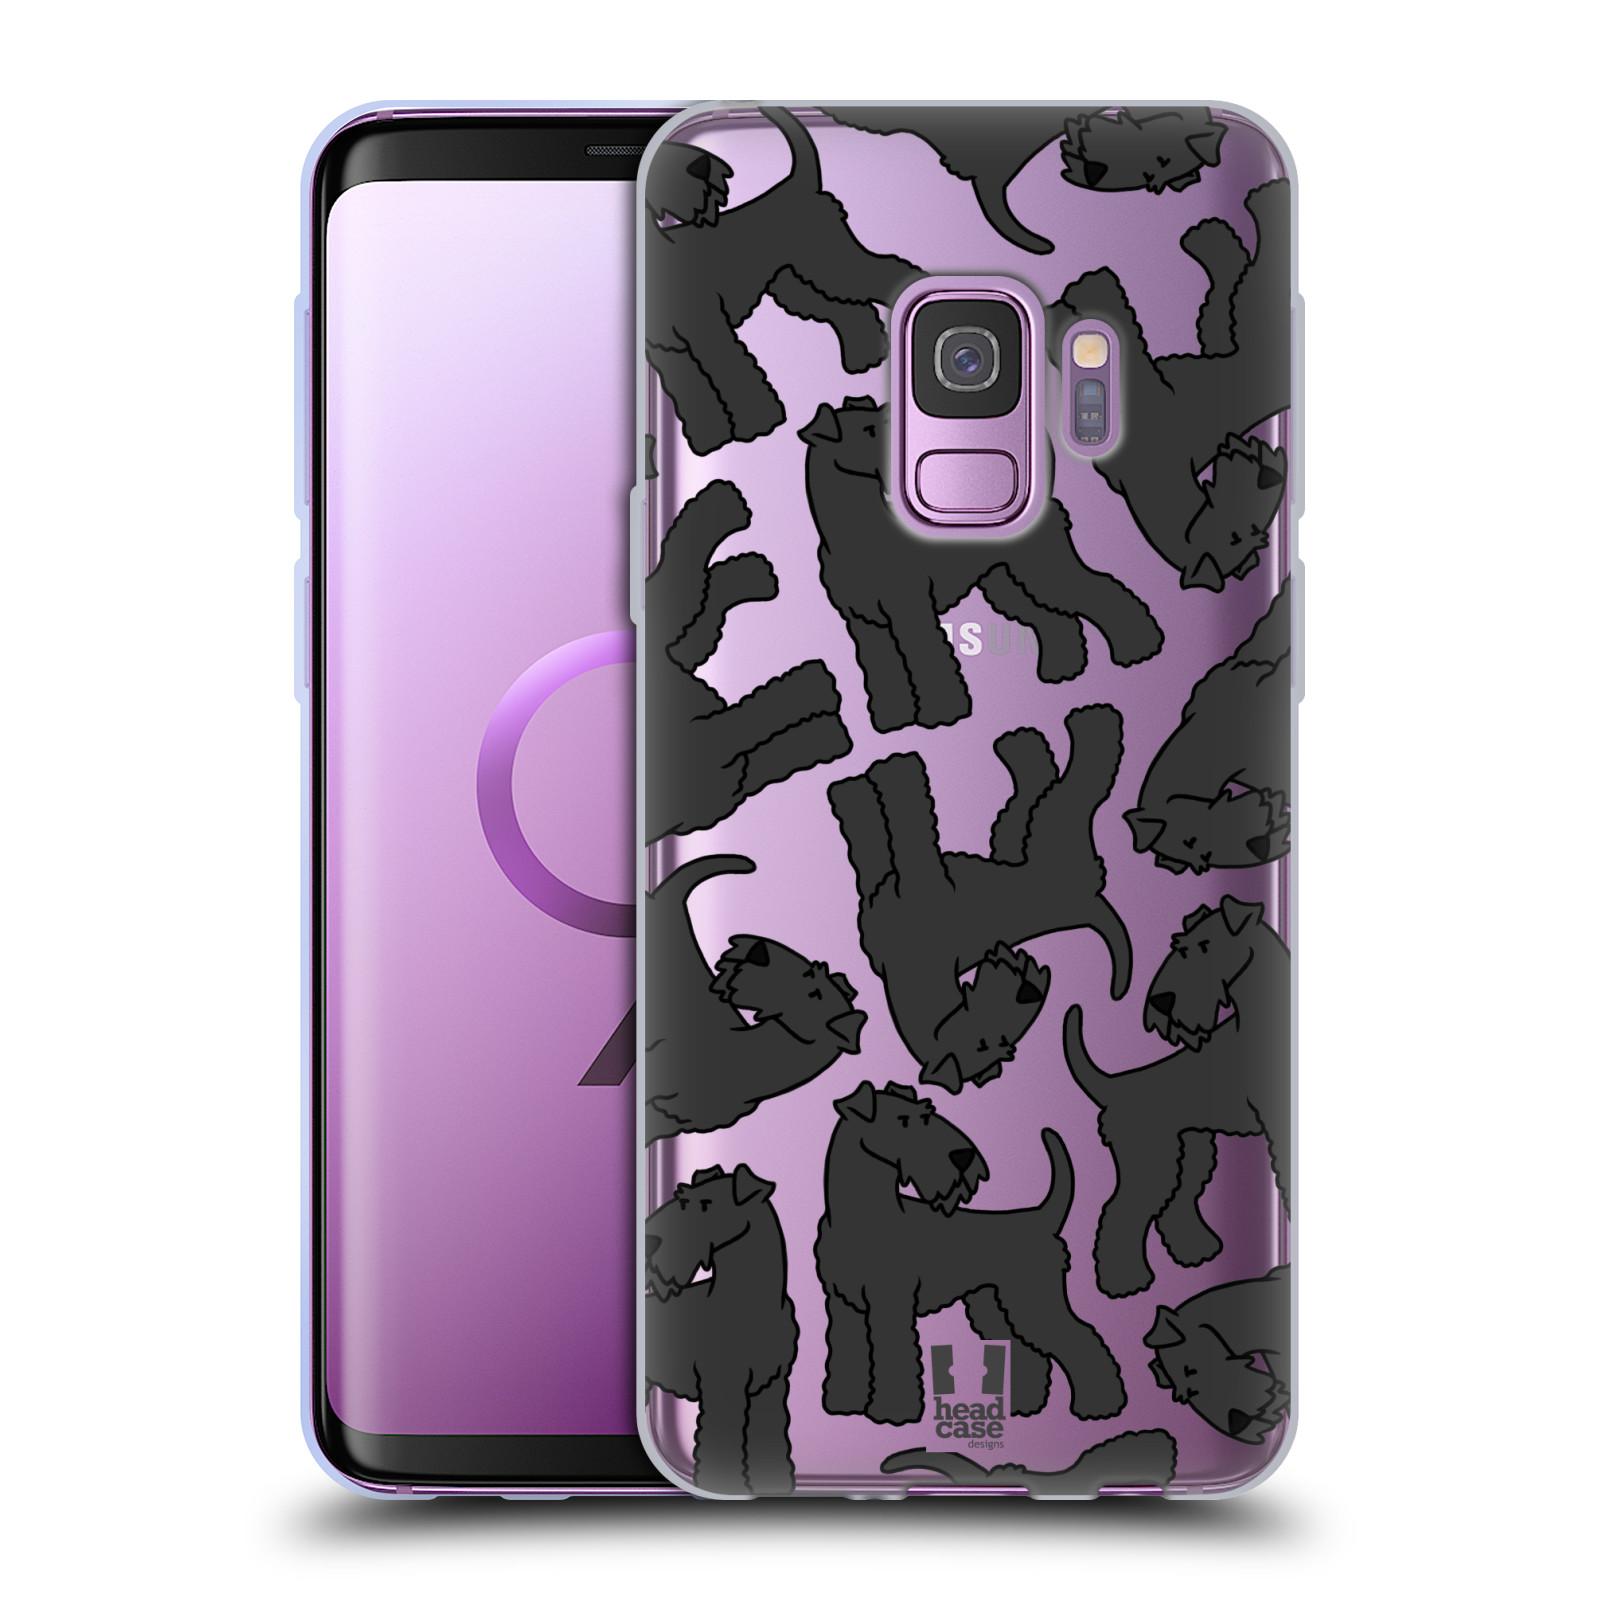 Funda-HEAD-CASE-DESIGNS-DE-RAZA-patrones-13-caso-De-Gel-Suave-Para-Telefonos-Samsung-1